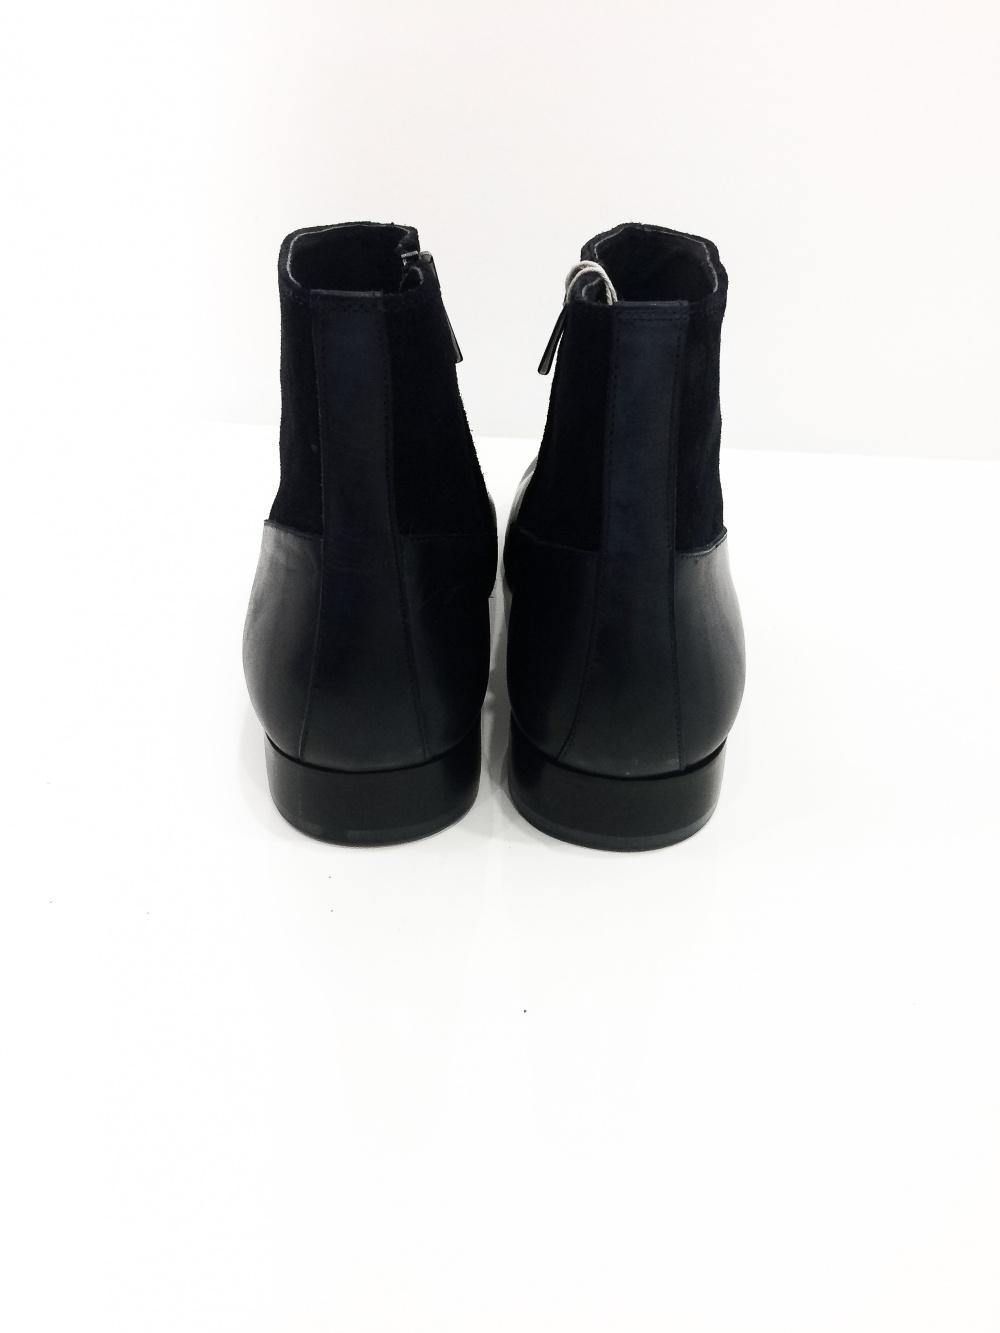 Новые мужские ботинки Thompson 41 (42 маркировка)